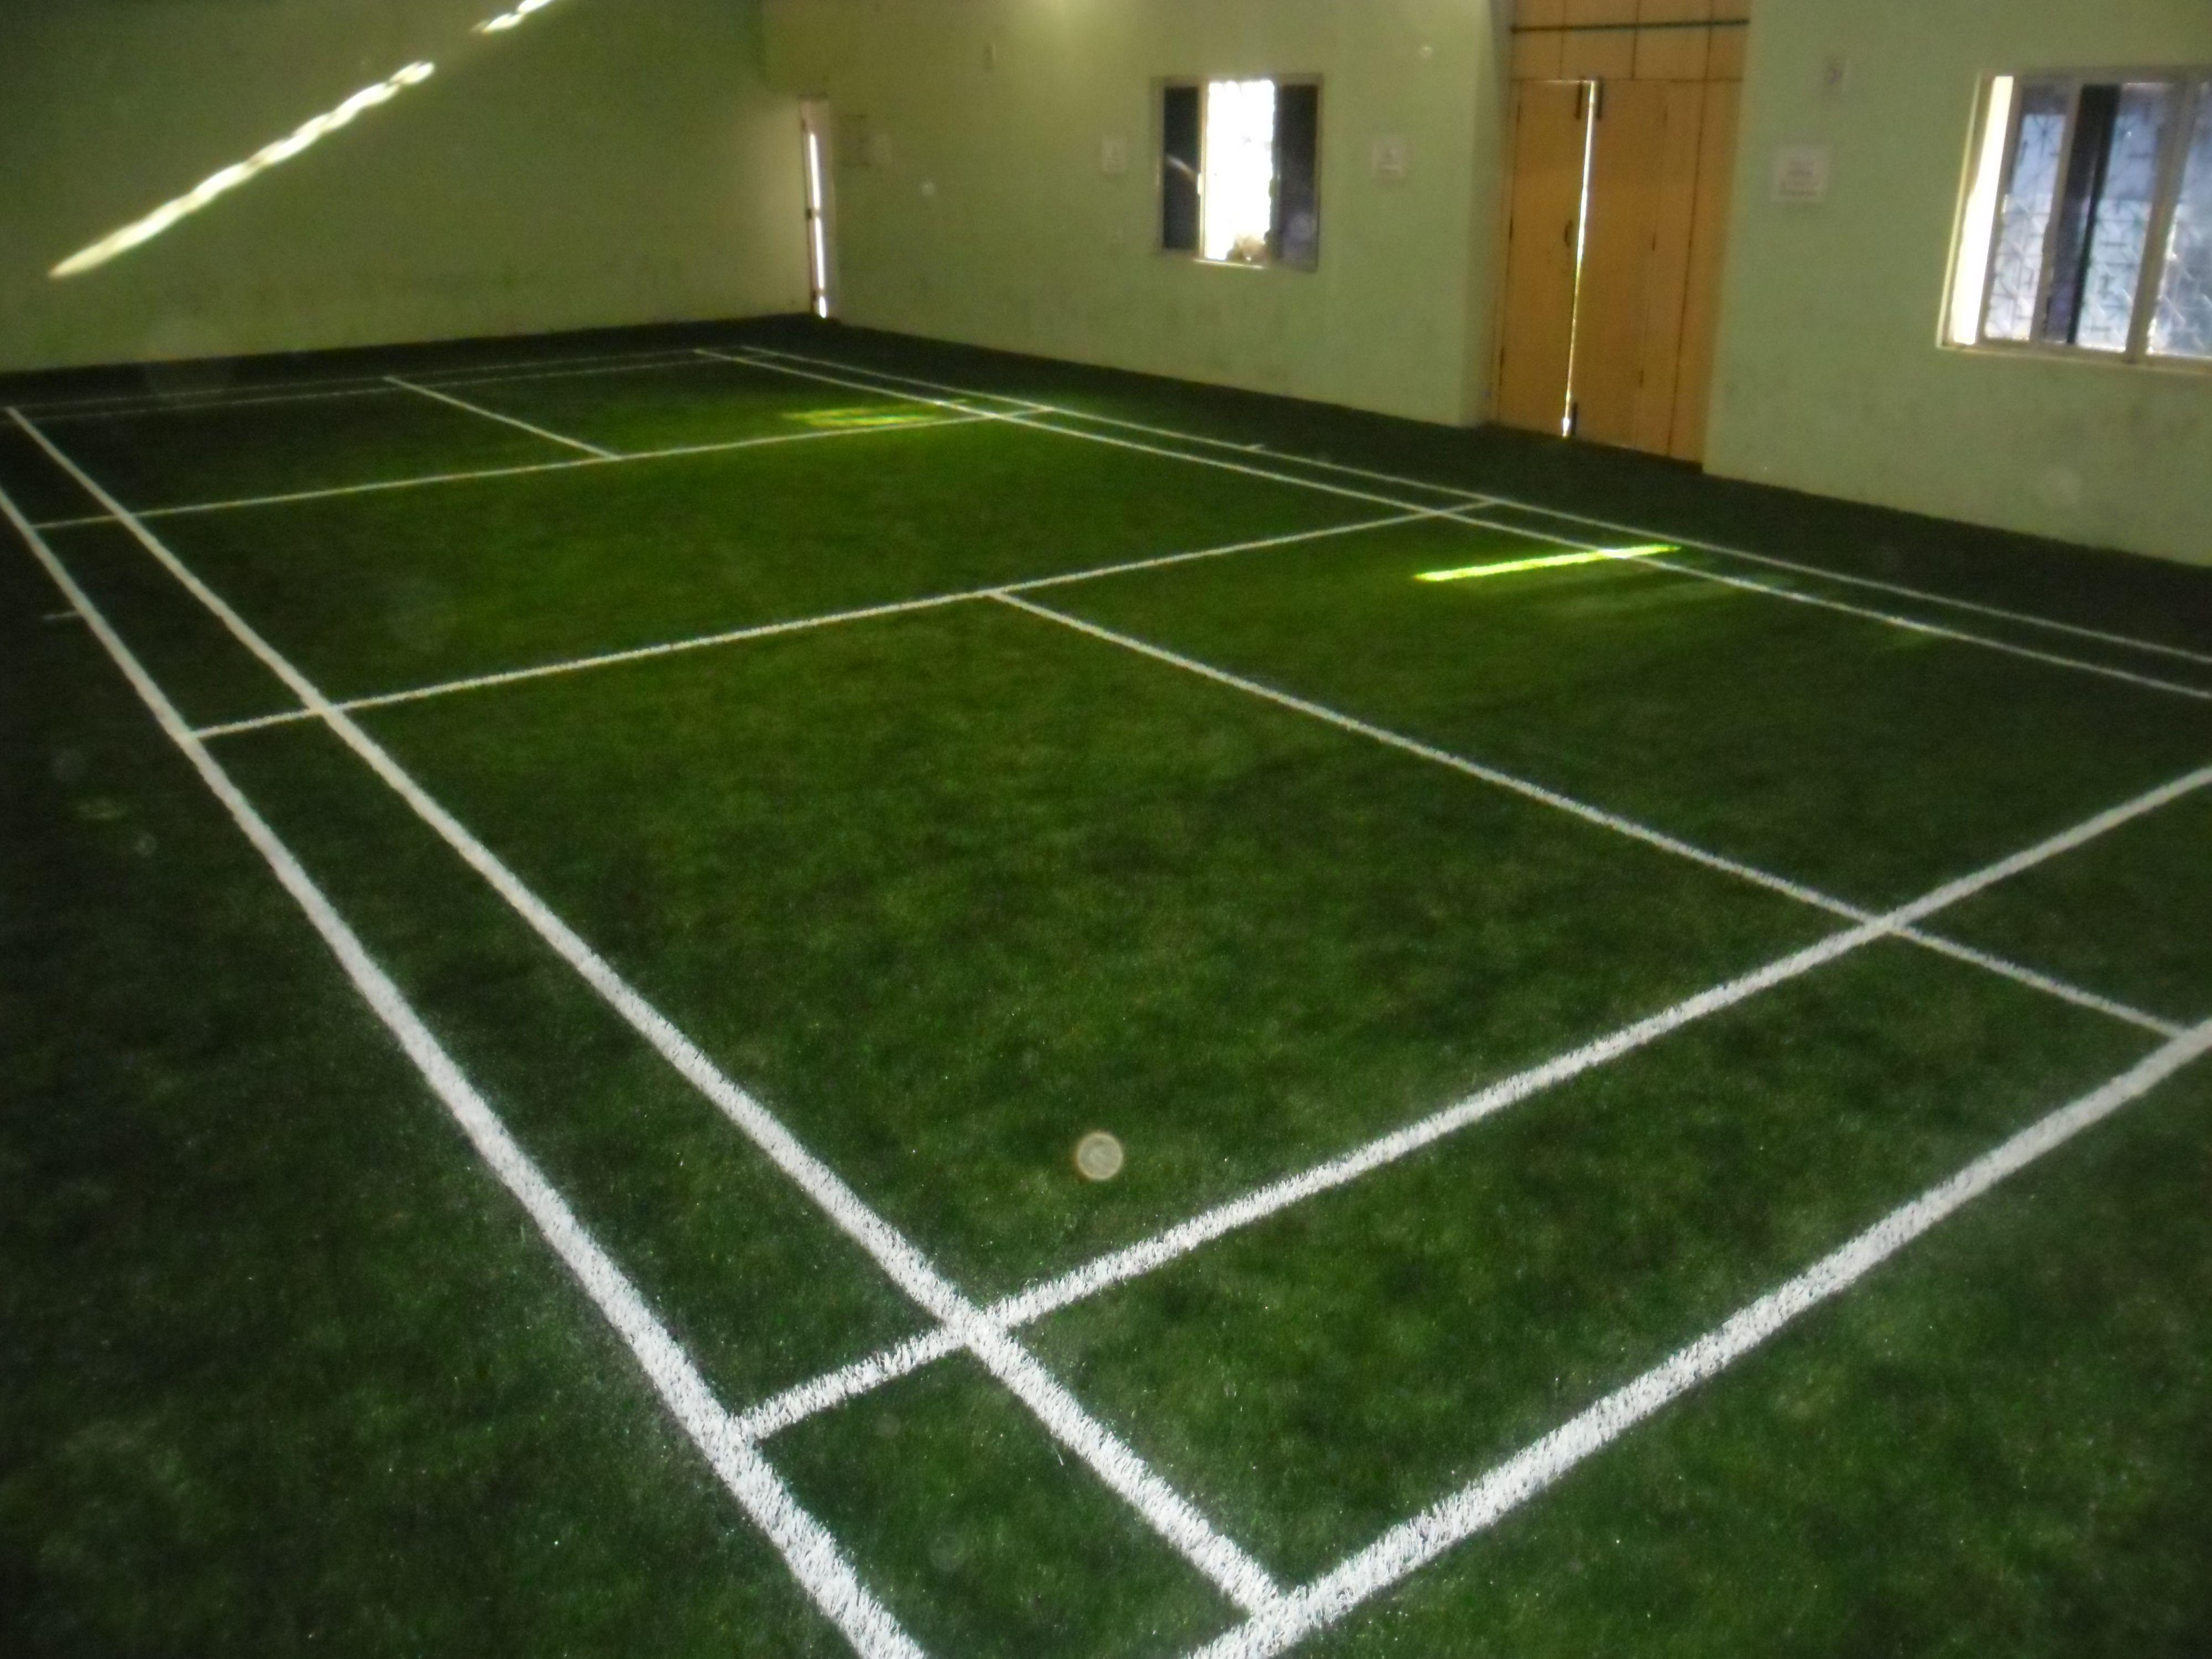 An Indoor Badminton Court Raj Bhavan Road Hyderabad